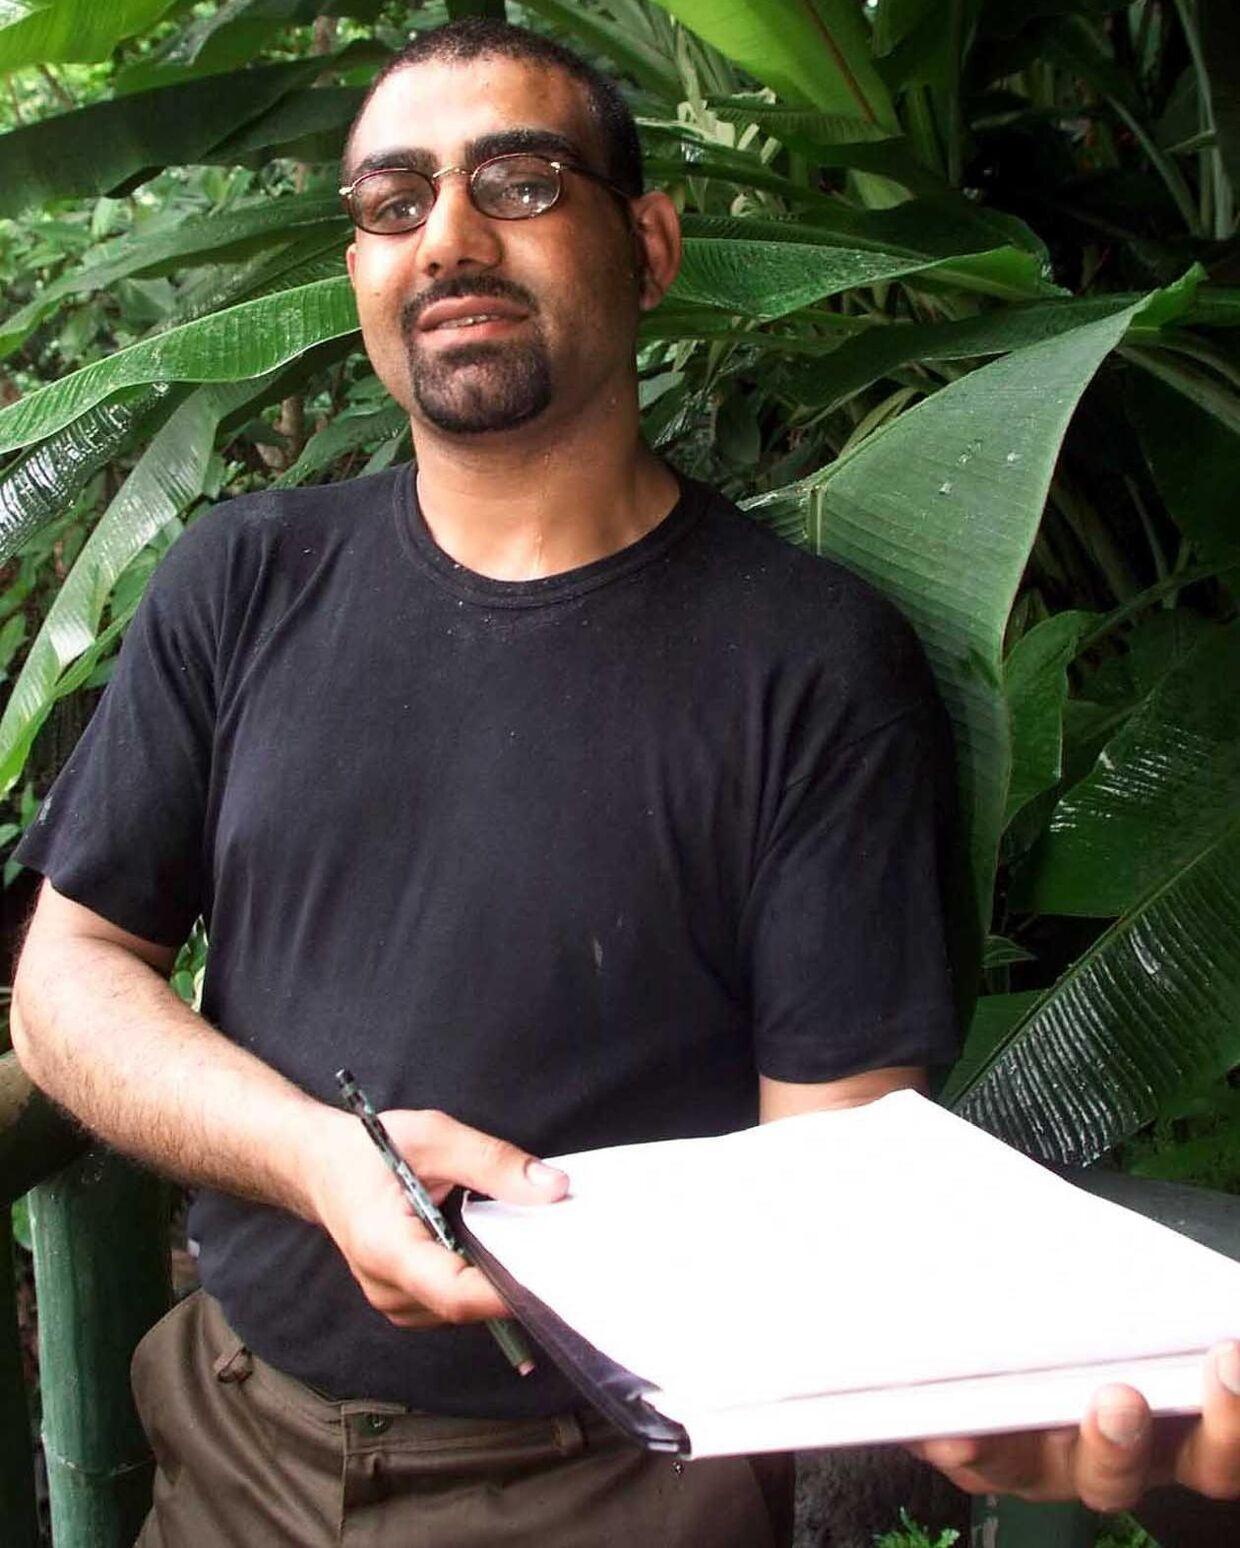 Skomager og bankrøver Naeem Sundoo er en af deltagerne i den nye »Robinson Ekspedition«. Som personlig ejendel har han medbragt en dagbog.